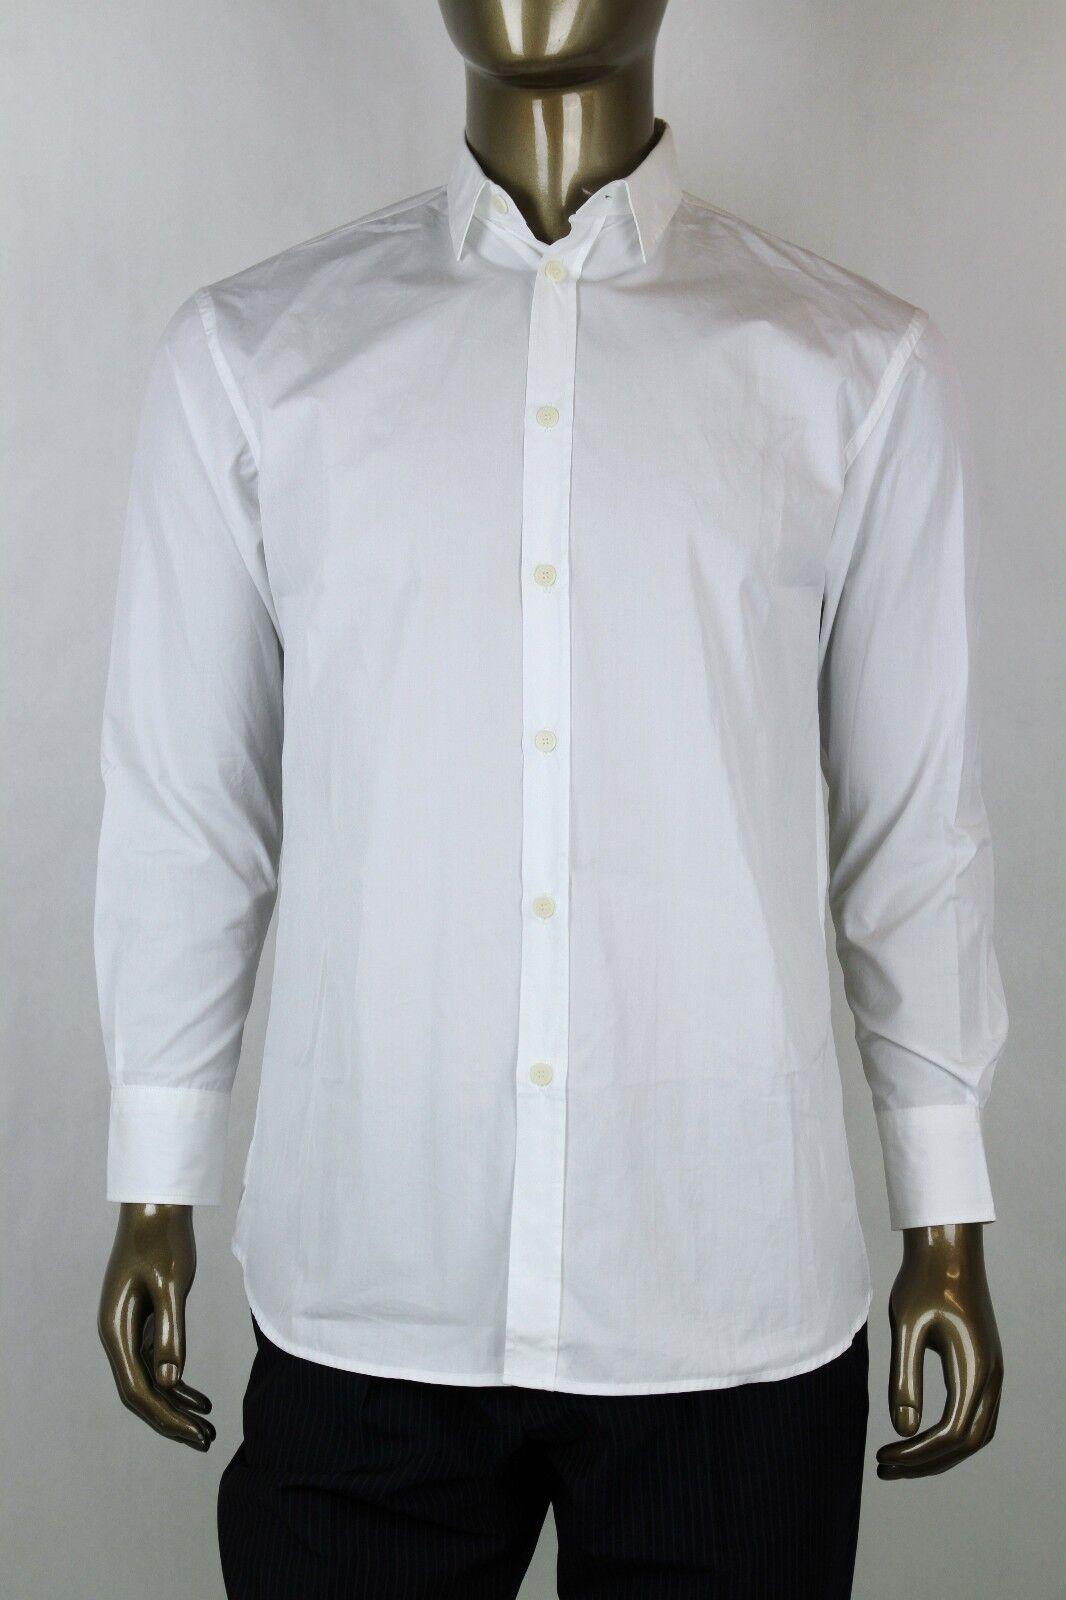 Bottega Veneta Men's White Cotton Dress Shirt IT 42 217500 9000